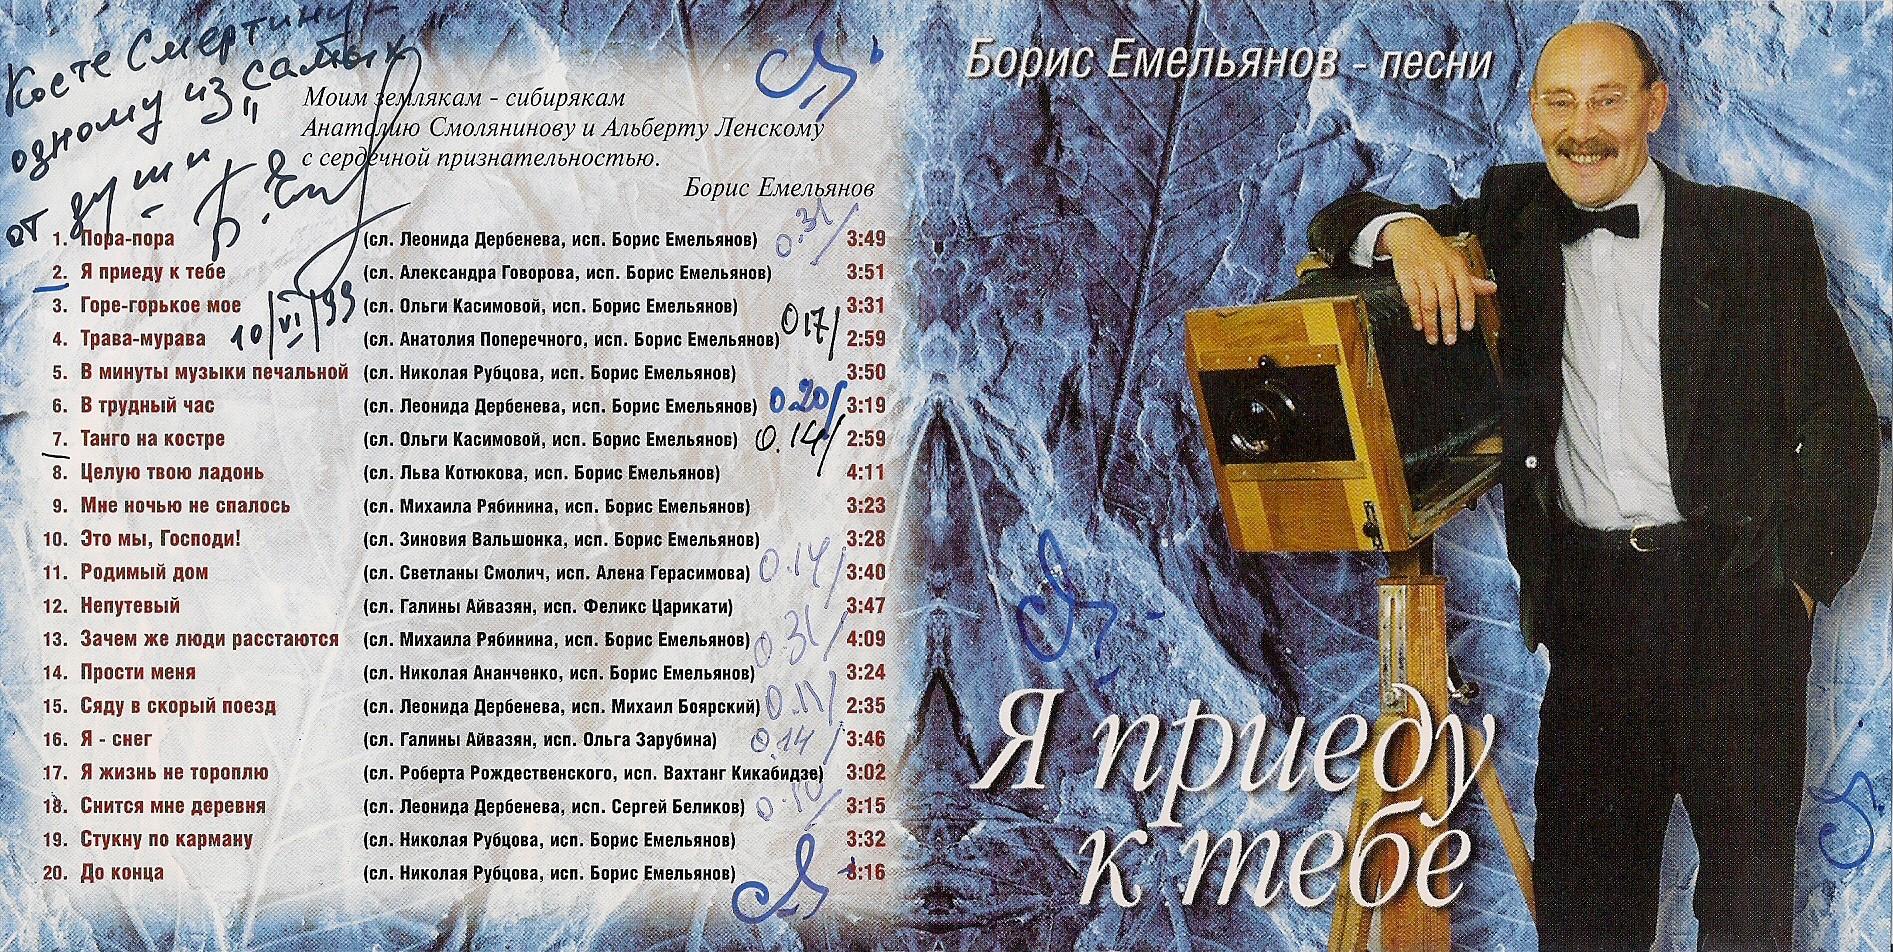 Название: _Эти песни Б.Емельянова  звучали на Маяке.jpg Просмотров: 77  Размер: 1.03 Мб